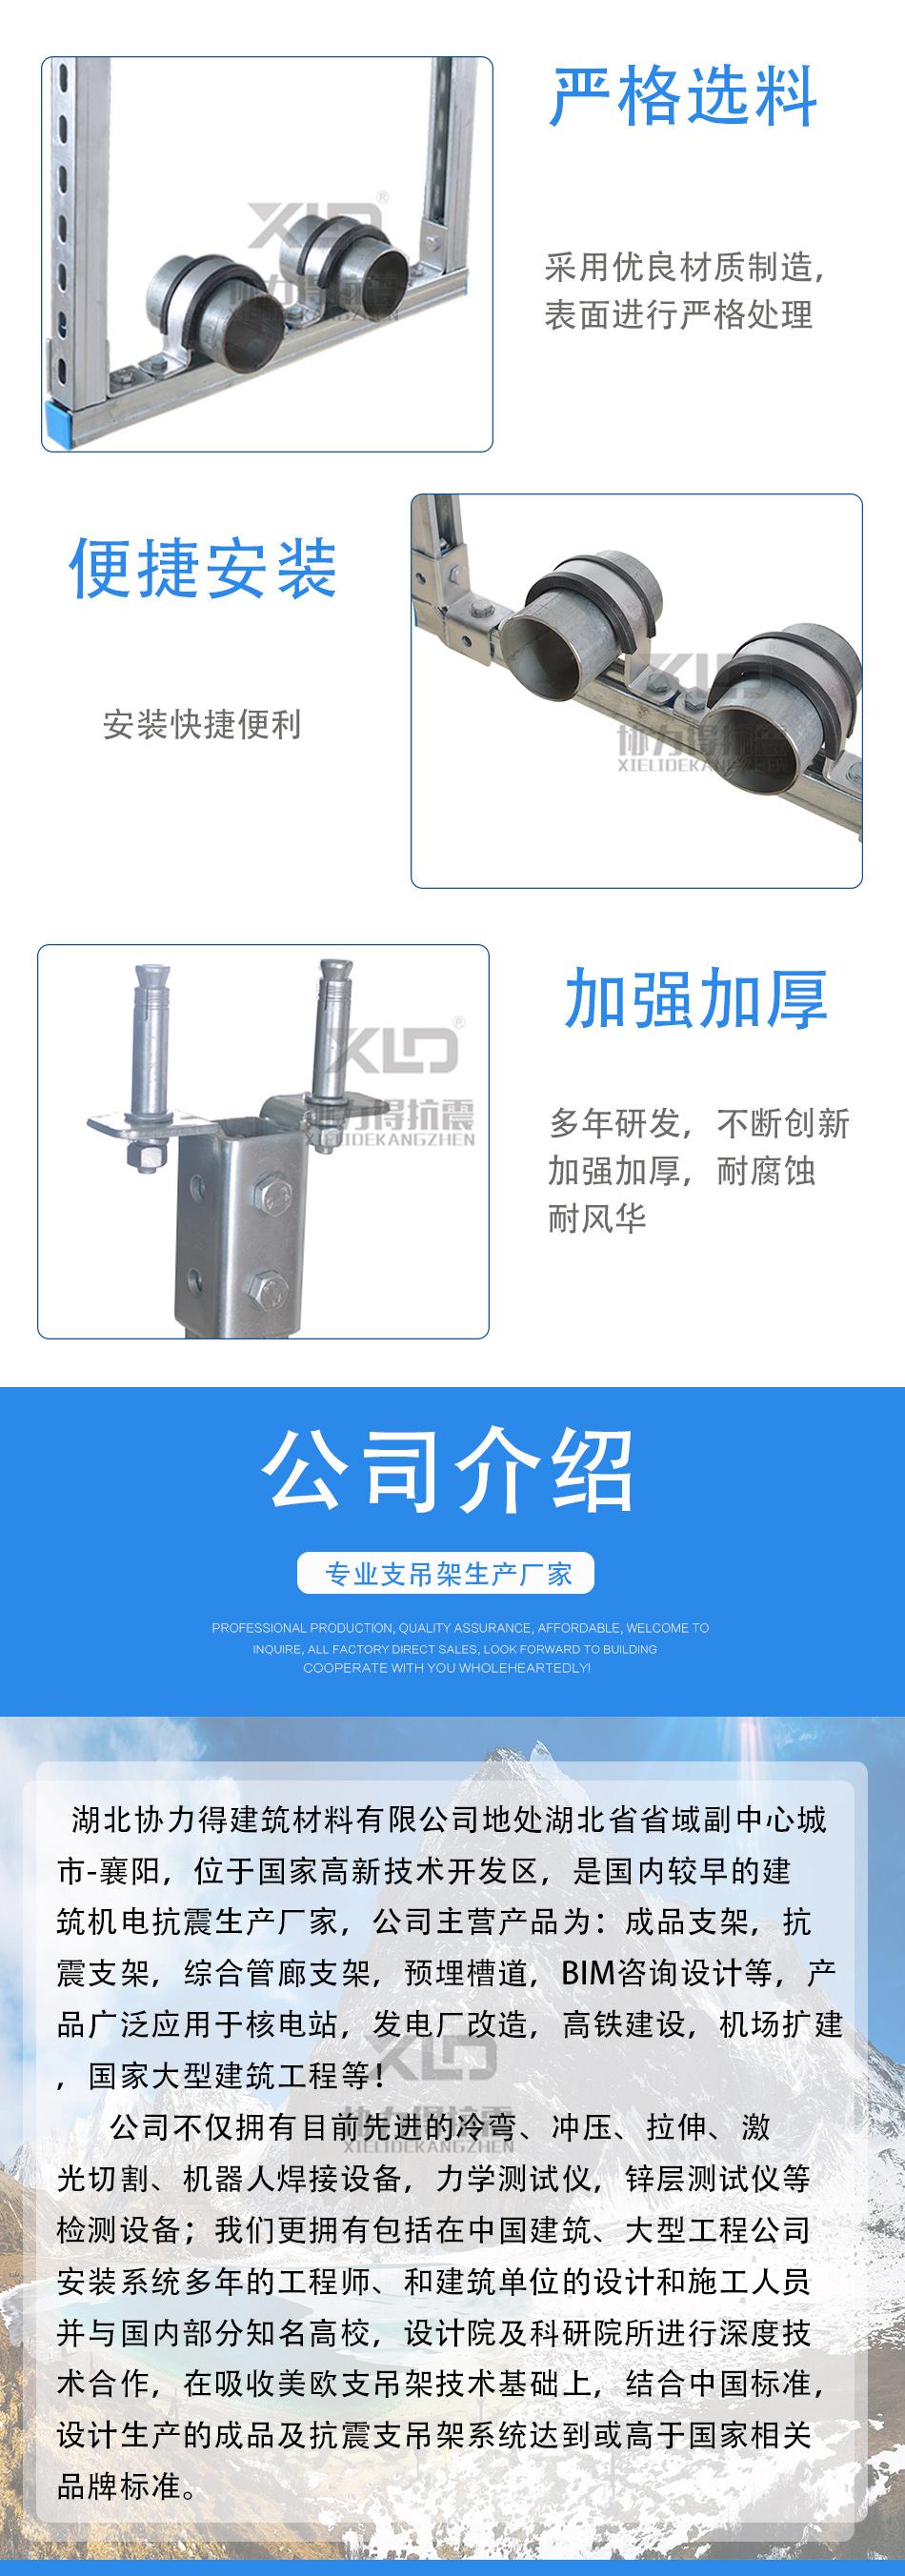 多管成品支吊架詳情頁-950_05.jpg